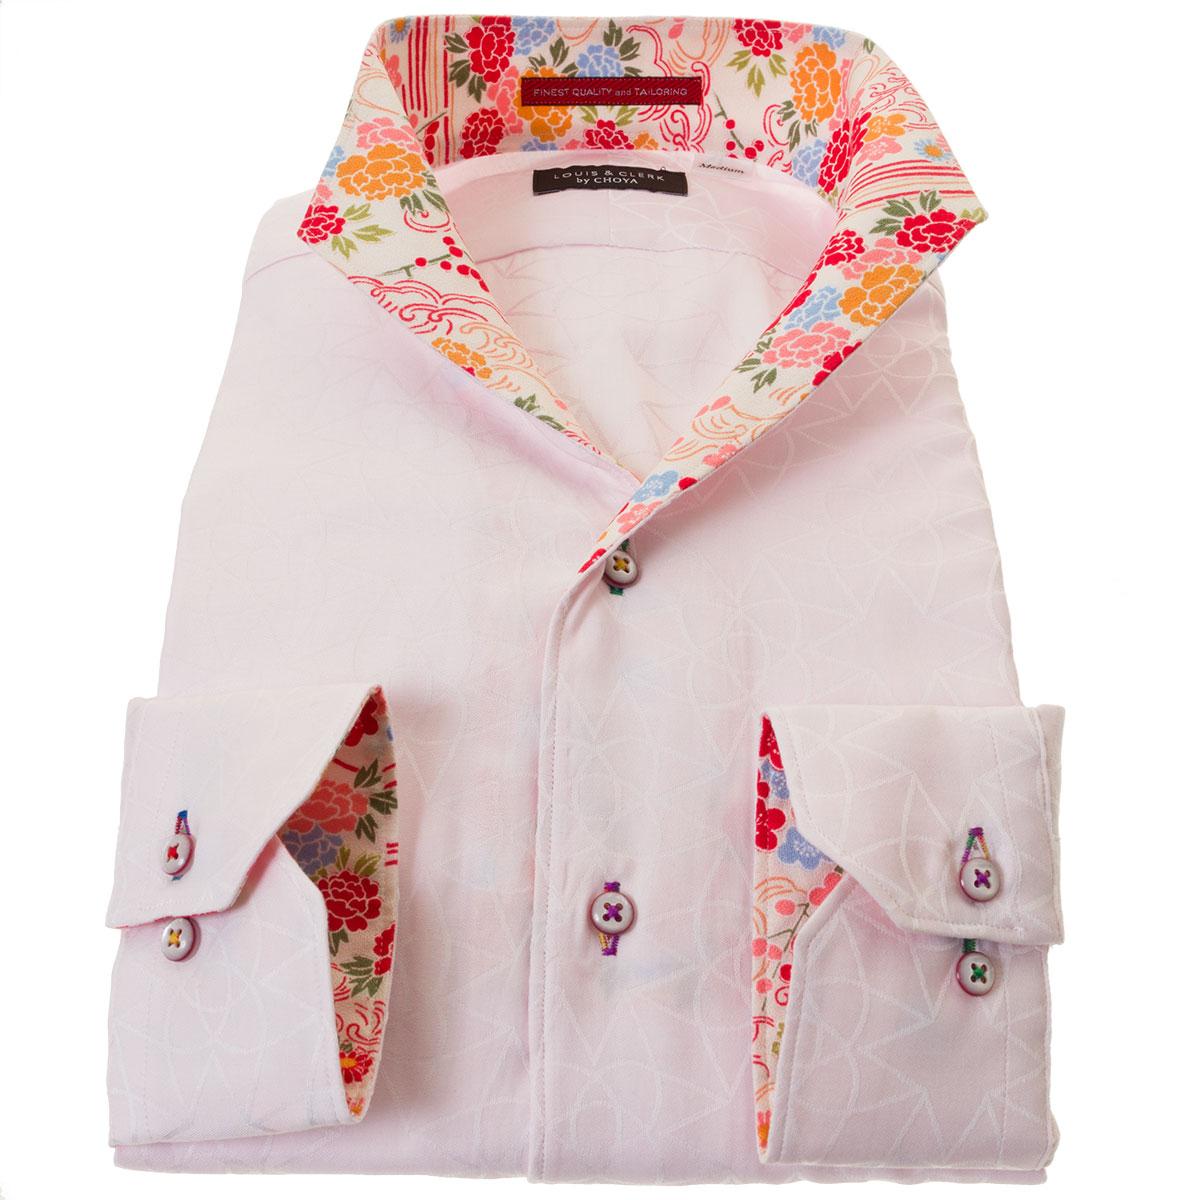 国産綿100%長袖ドレスシャツ コンフォート 胸ポケット無 イタリアンススキッパースタンド ピンク ジャガード織 幾何柄  メンズ